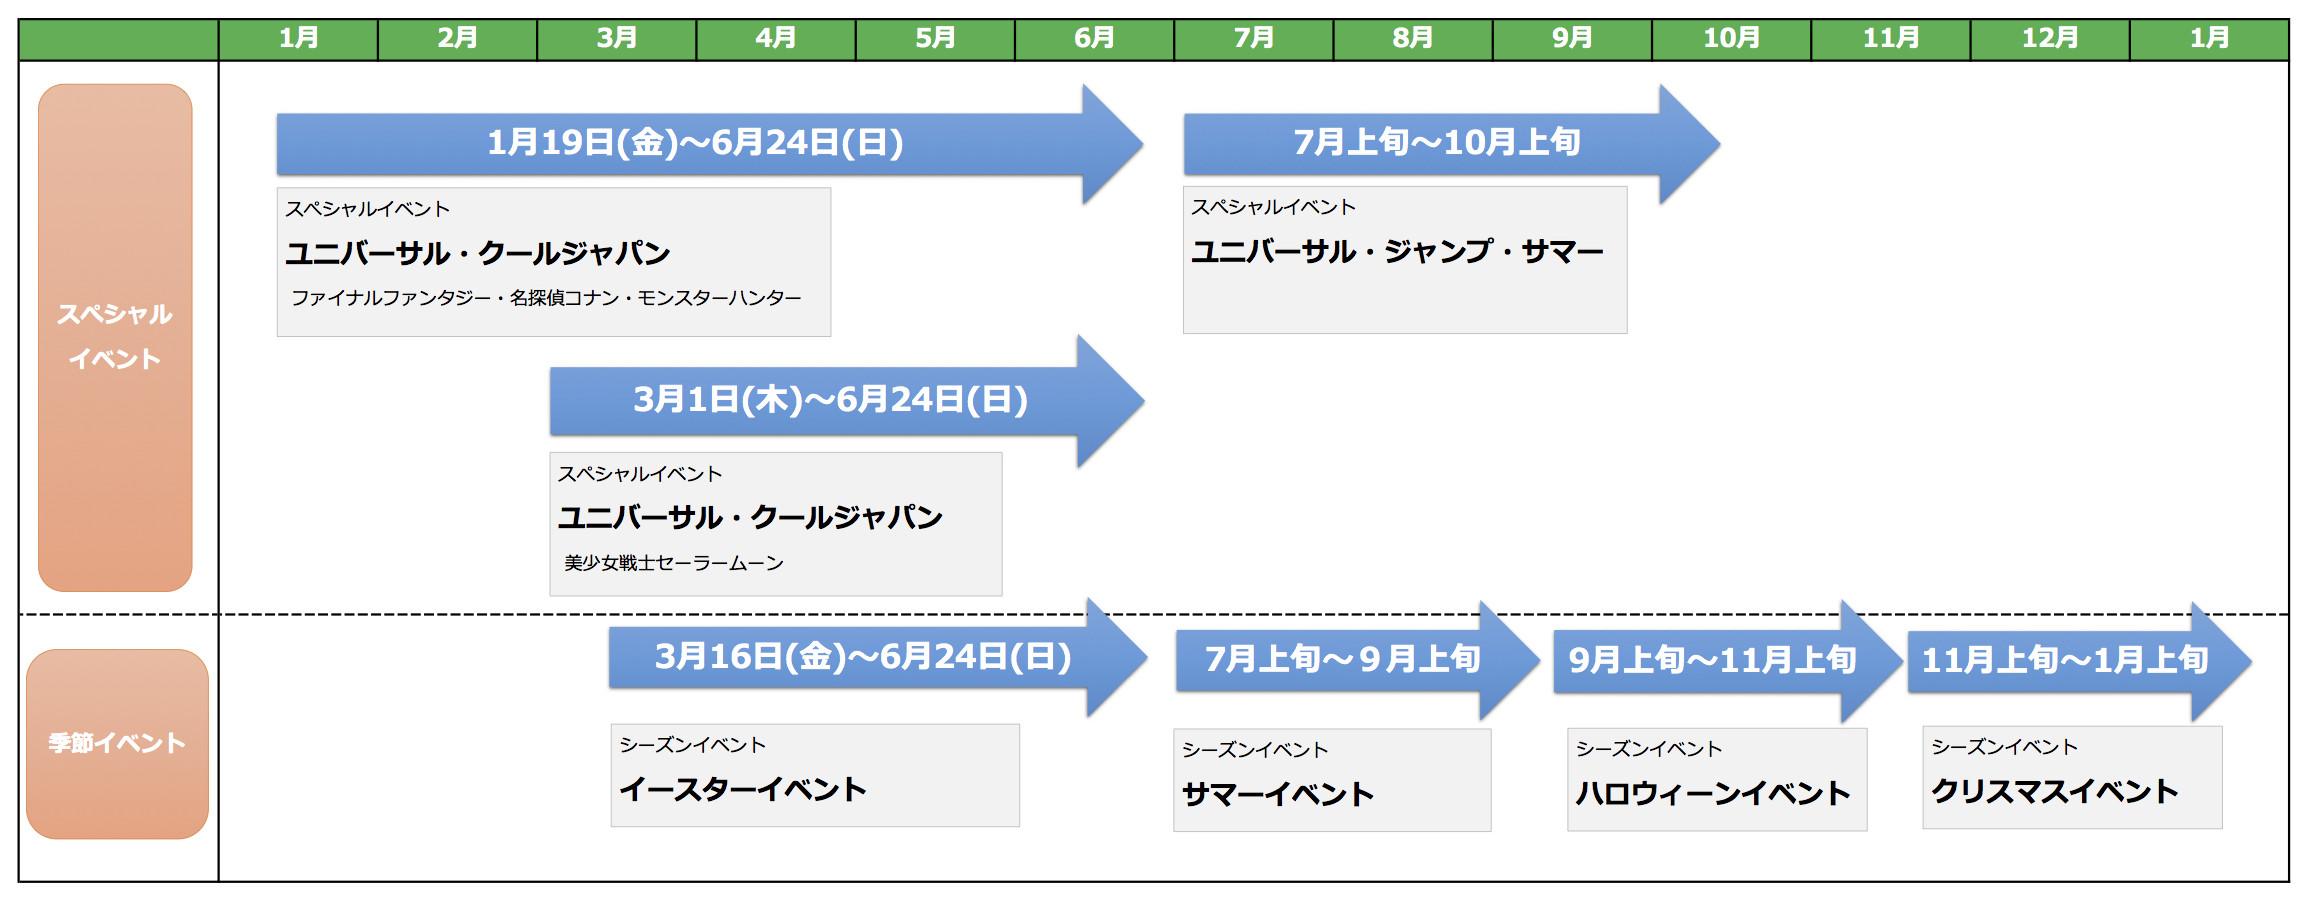 ユニバーサル・スタジオ・ジャパン年間スケジュール